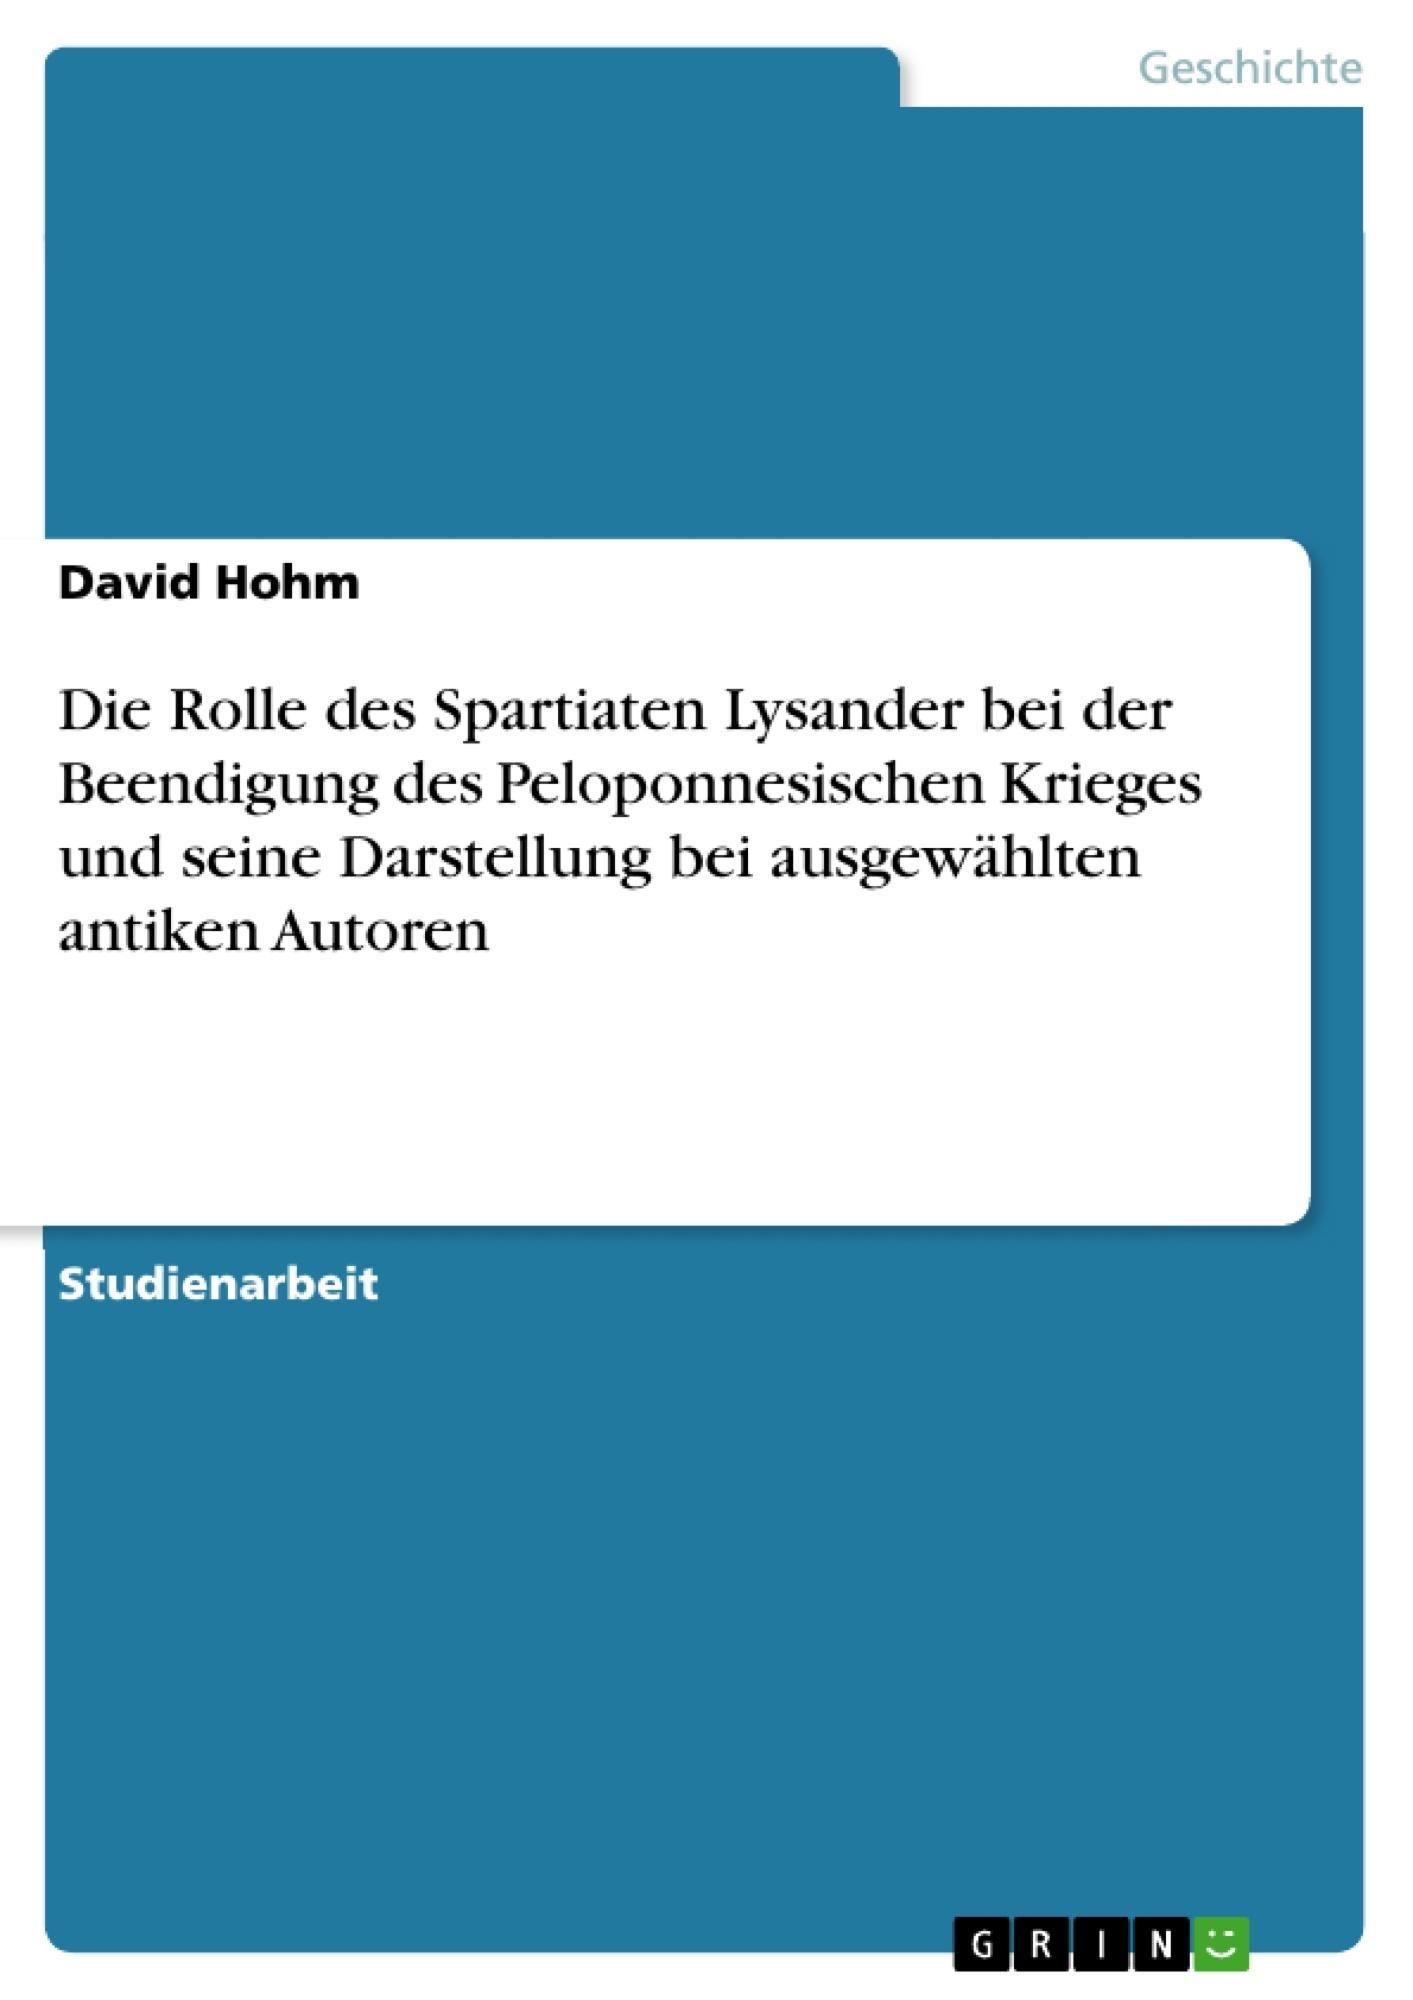 Titel: Die Rolle des Spartiaten Lysander bei der Beendigung des Peloponnesischen Krieges und seine Darstellung bei ausgewählten antiken Autoren